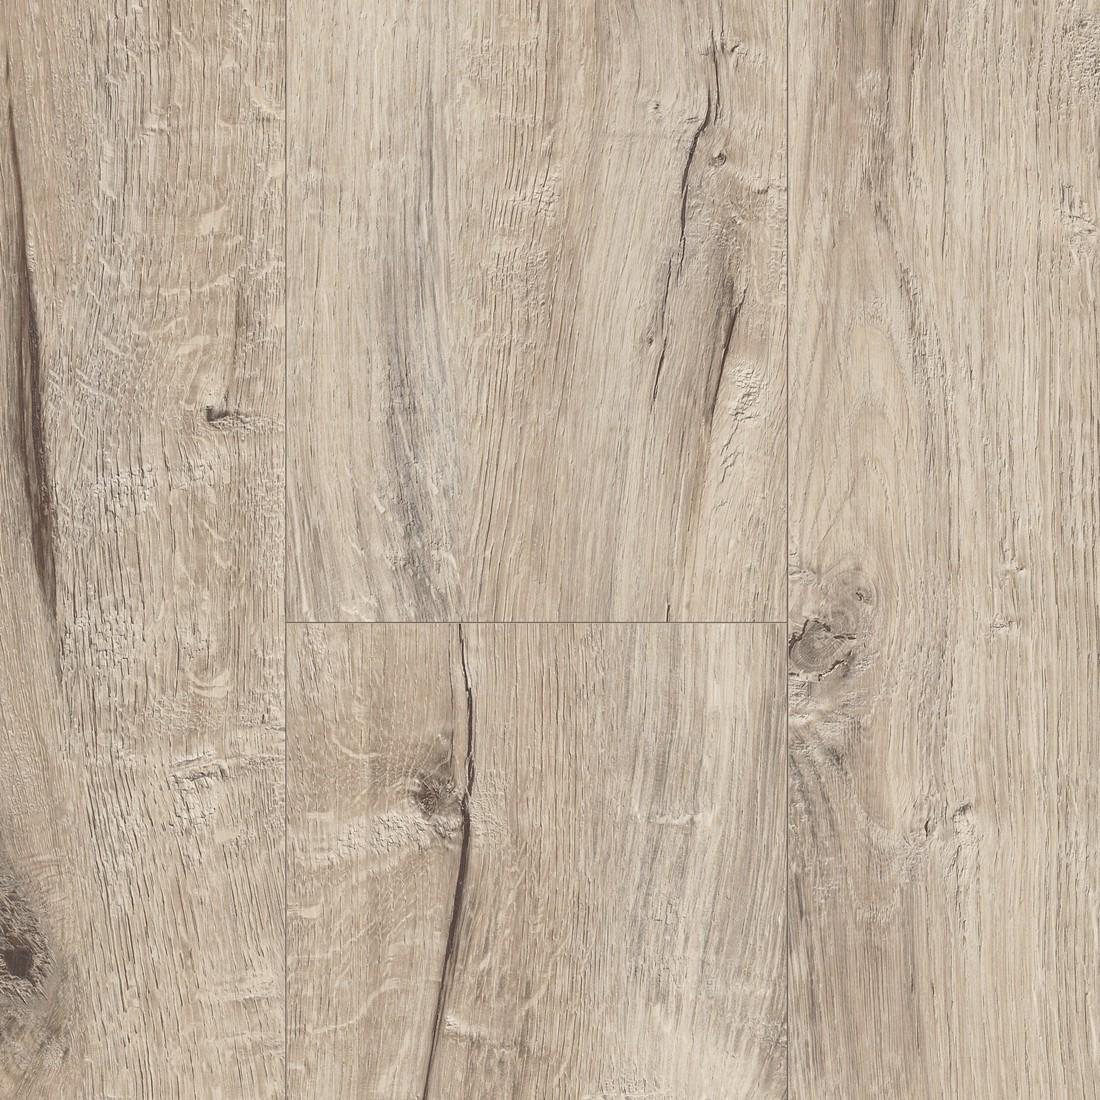 PARADOR Laminat Trendtime 1 Eiche Century geseift Vintagestruktur 4-V-Fuge Stabdiele – Bild 2